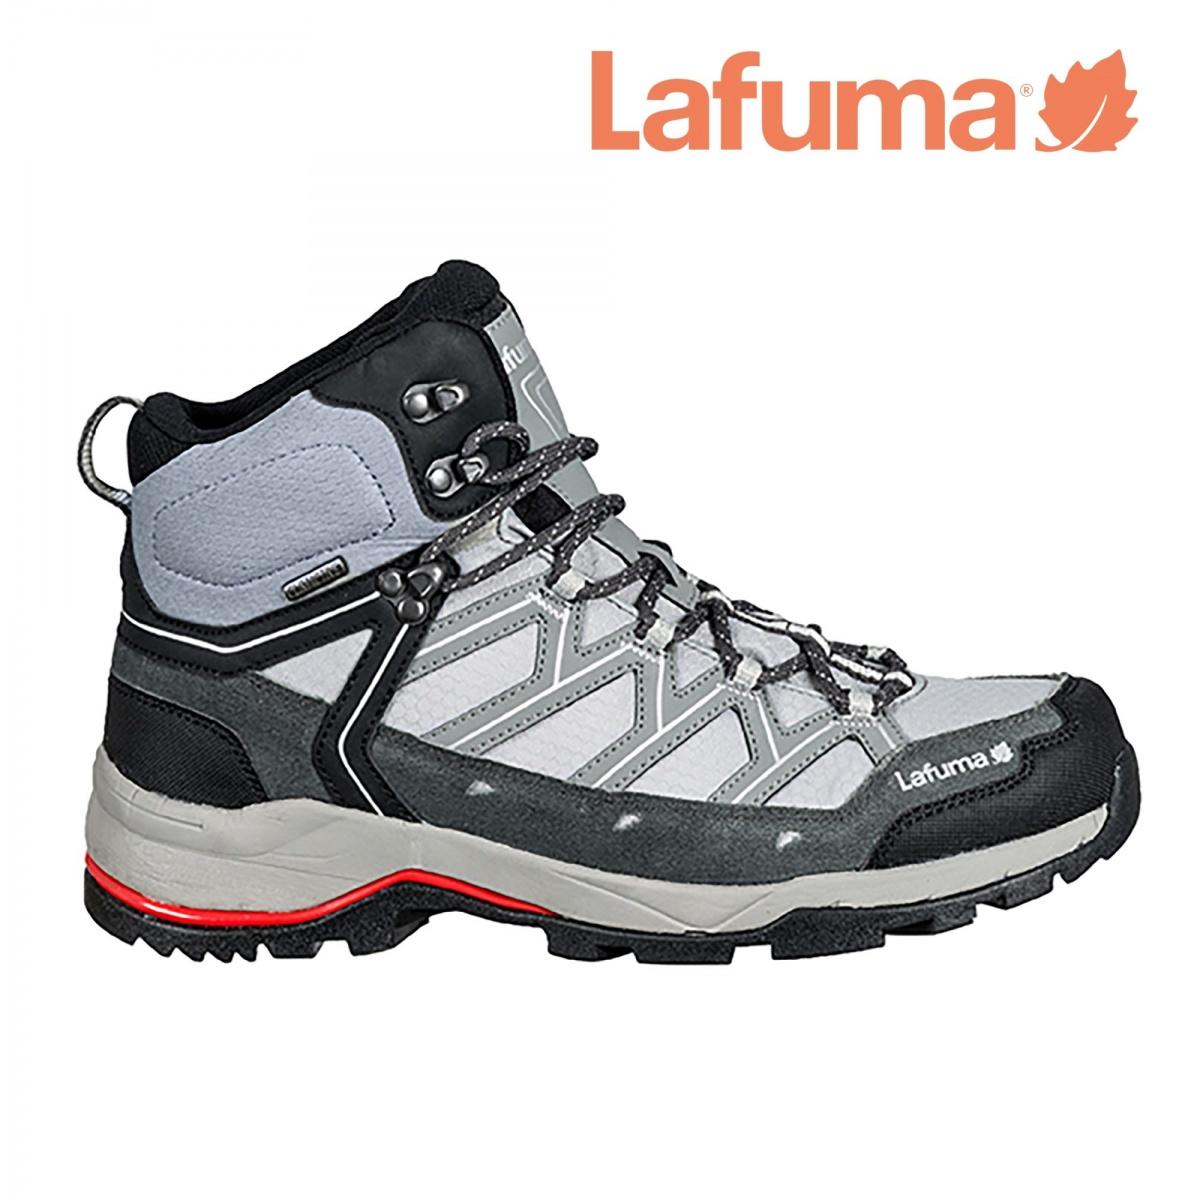 c79a5d943073 pánská vyšší trekkingová obuv LAFUMA - Aymara M Climactive